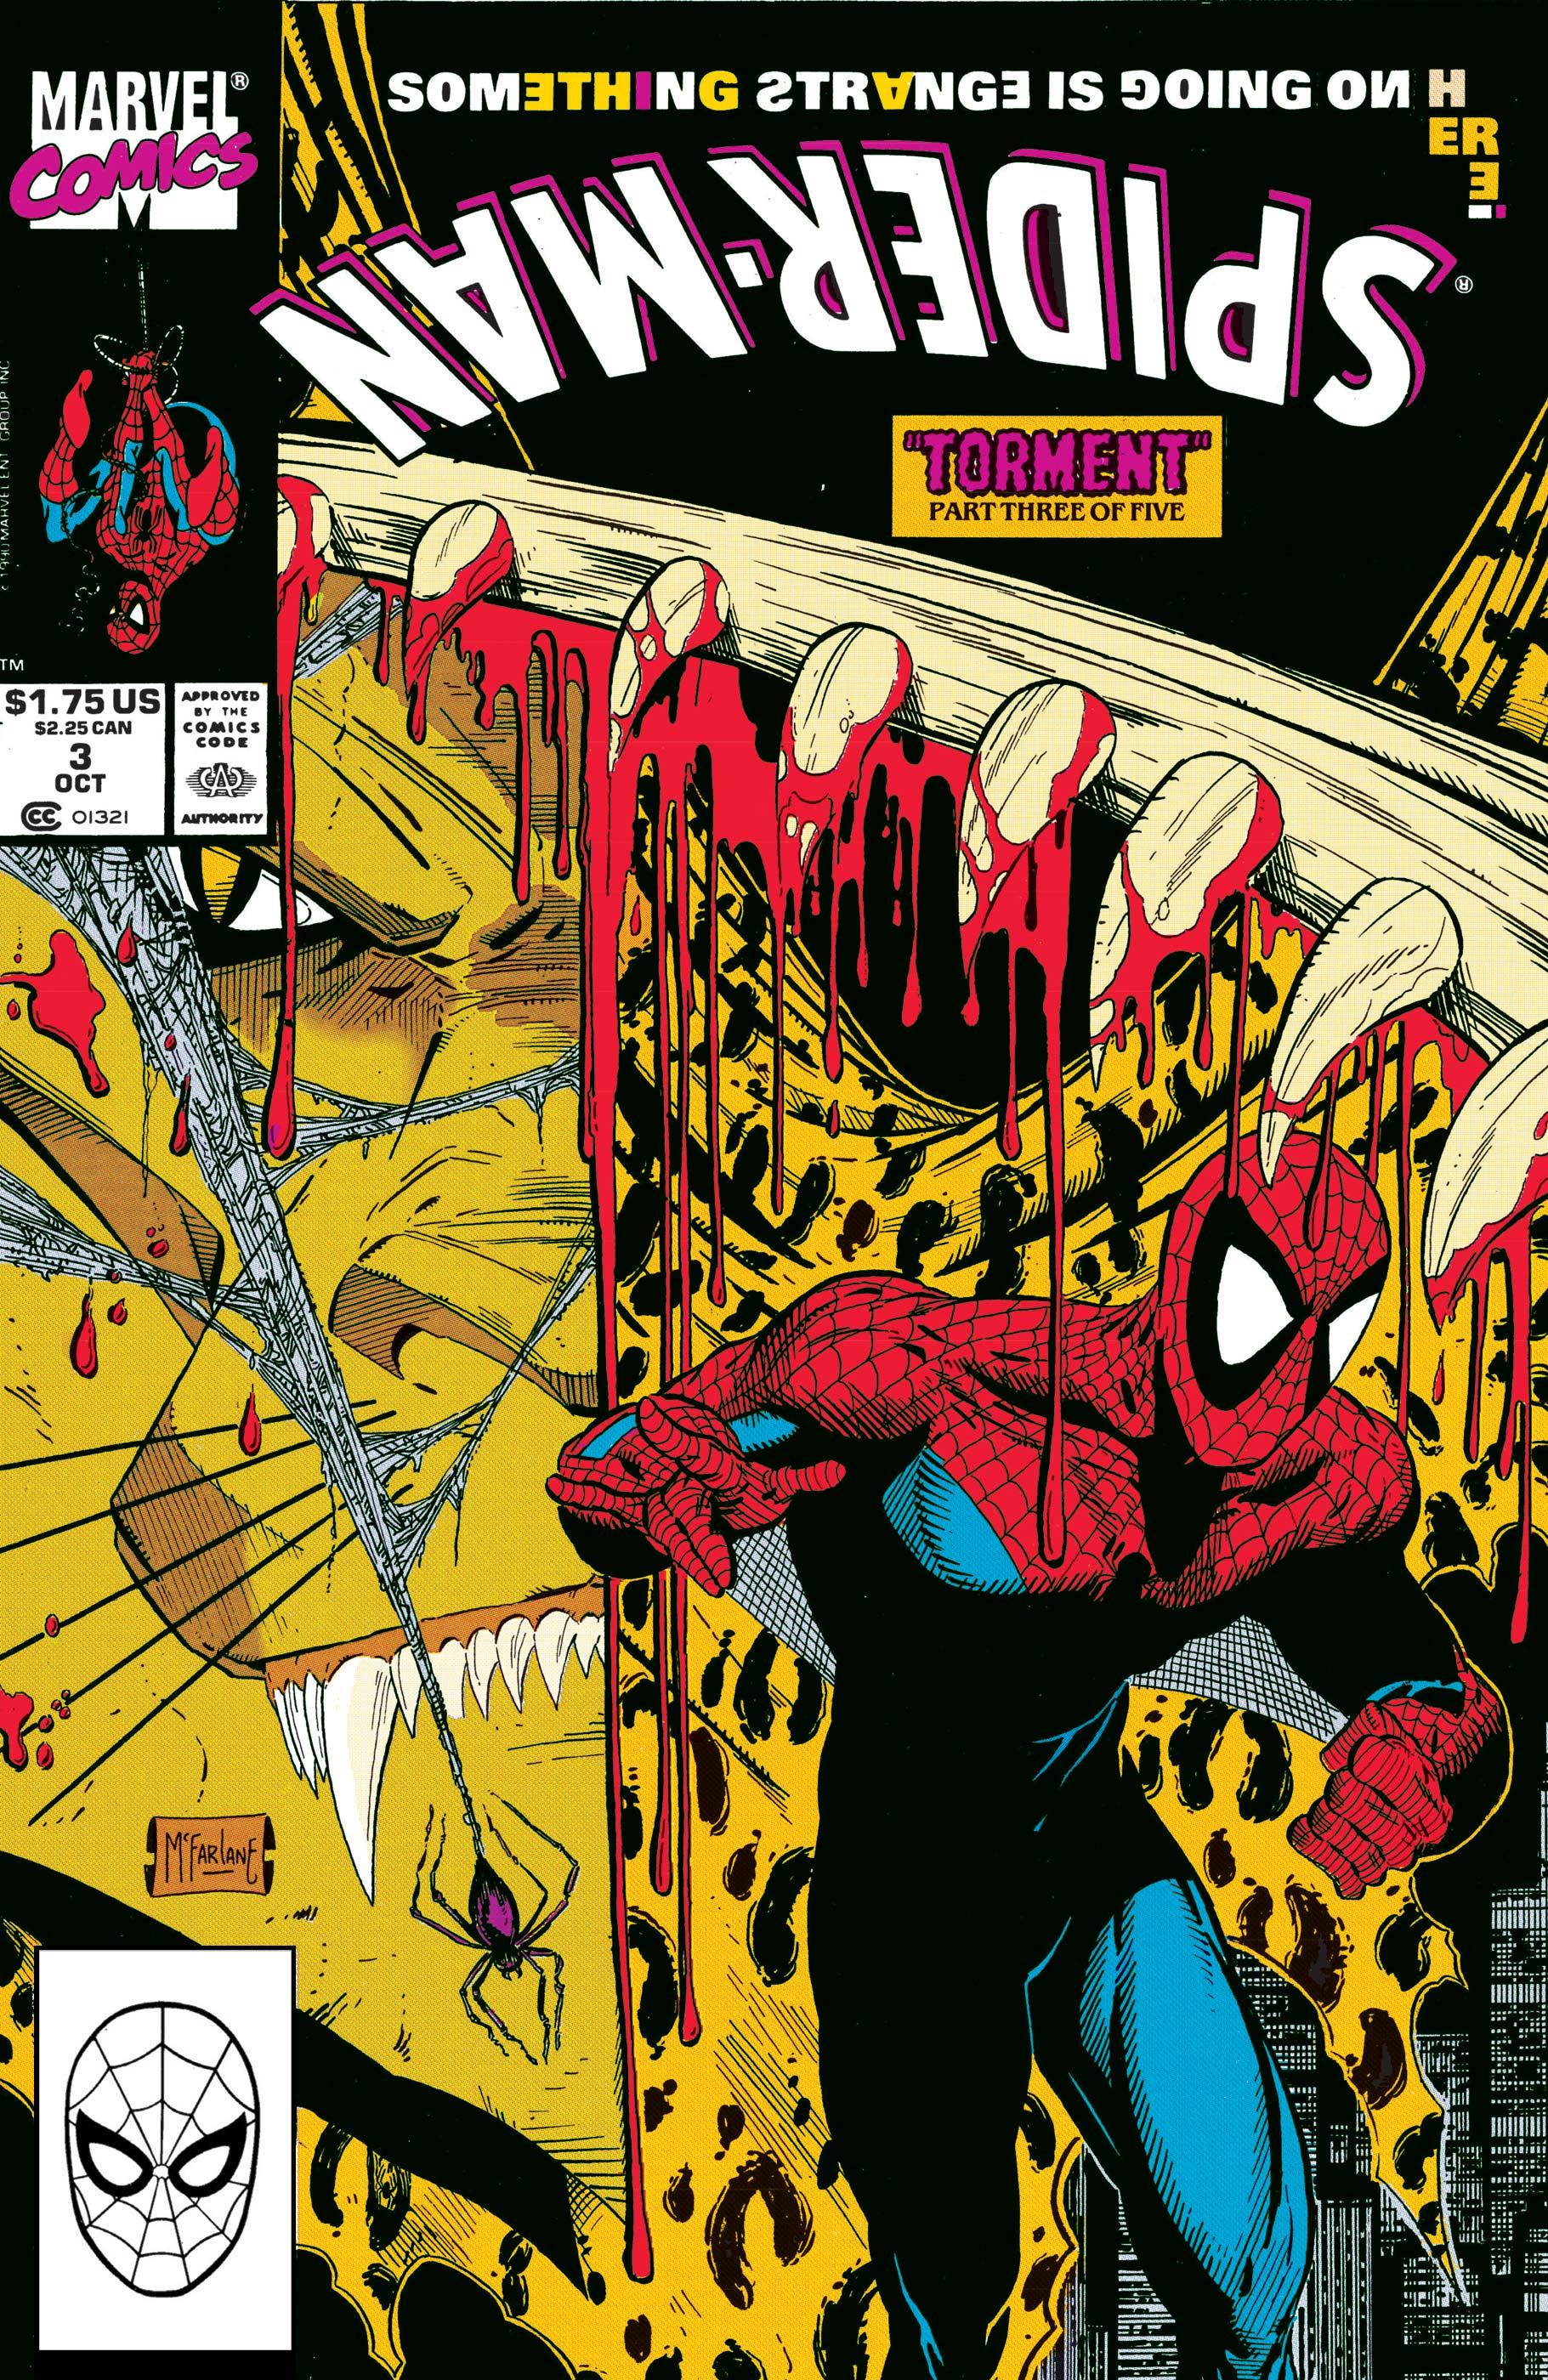 Spider-Man (1990) #3